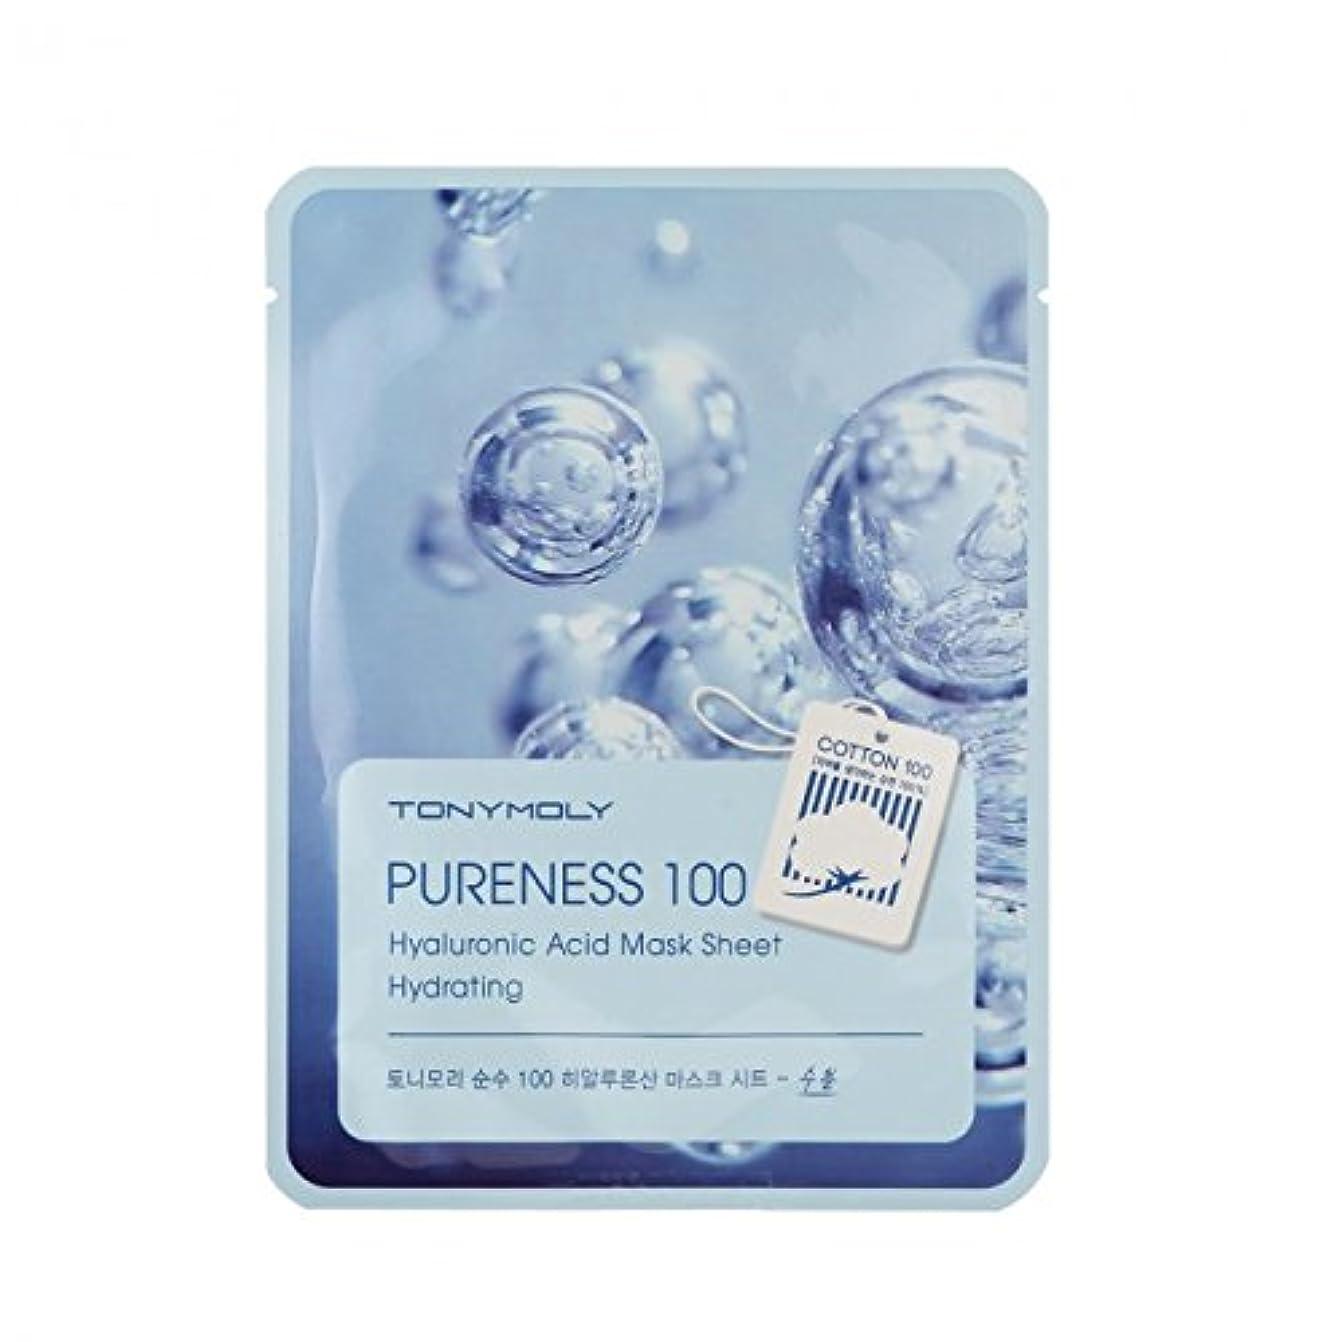 エンゲージメント欲望で出来ているTONYMOLY Pureness 100 Hyaluronic Acid Mask Sheet Hydrating (並行輸入品)